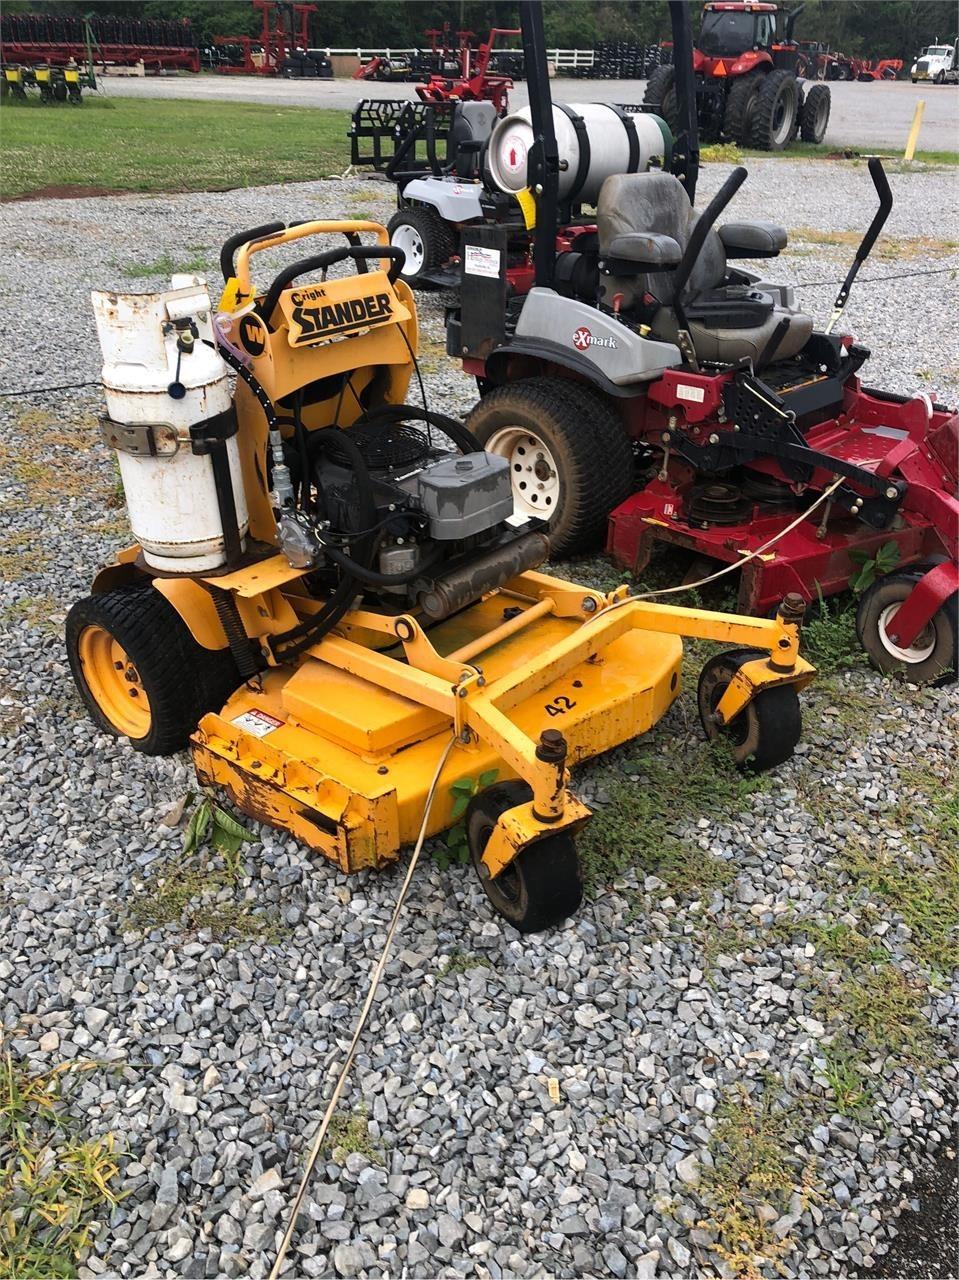 Wright WSTN42SFX600E1A Lawn and Garden